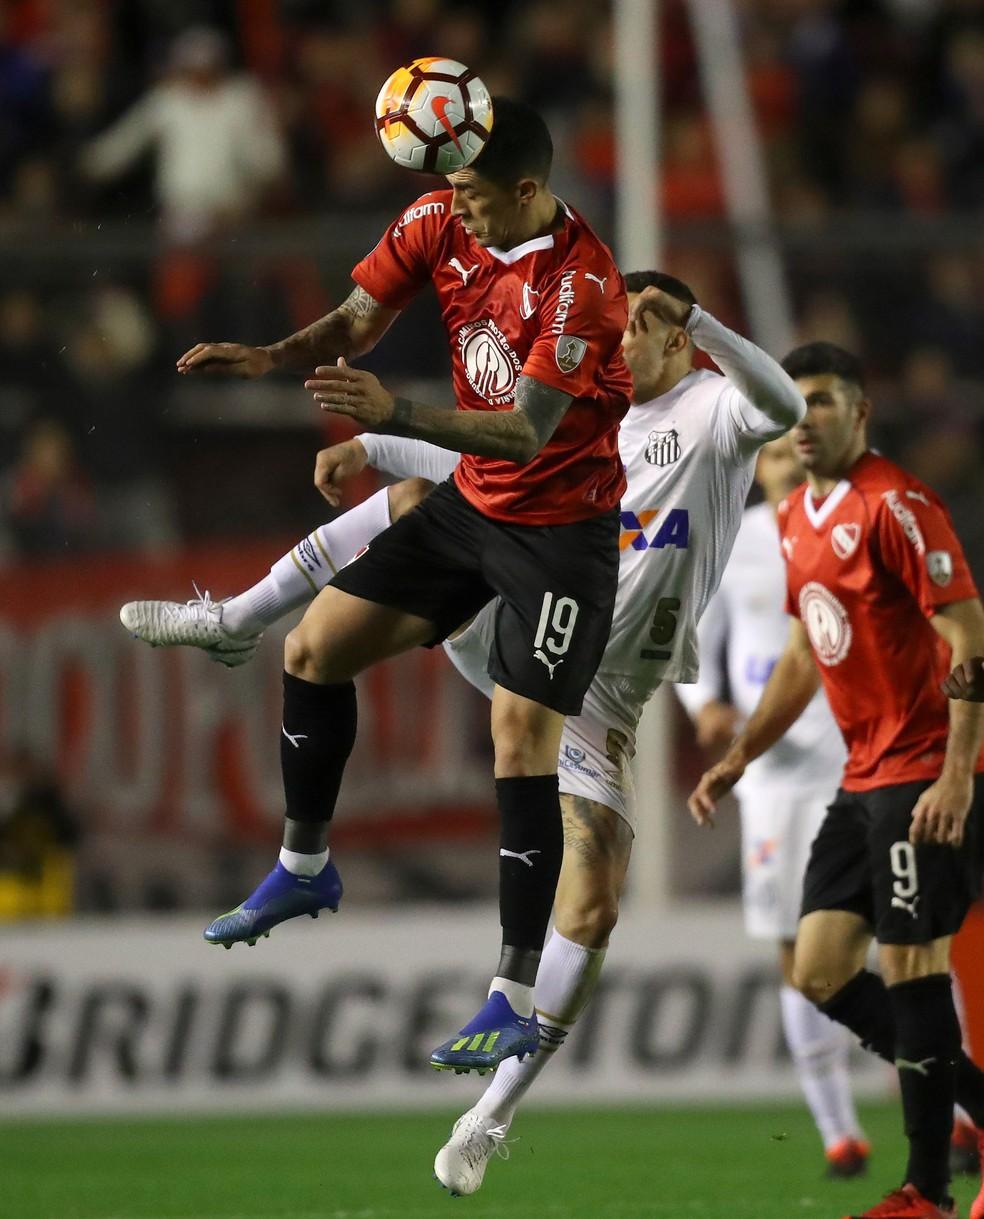 Independiente também teria escalado jogador irregular contra o ... 2df8fcc49e6b8